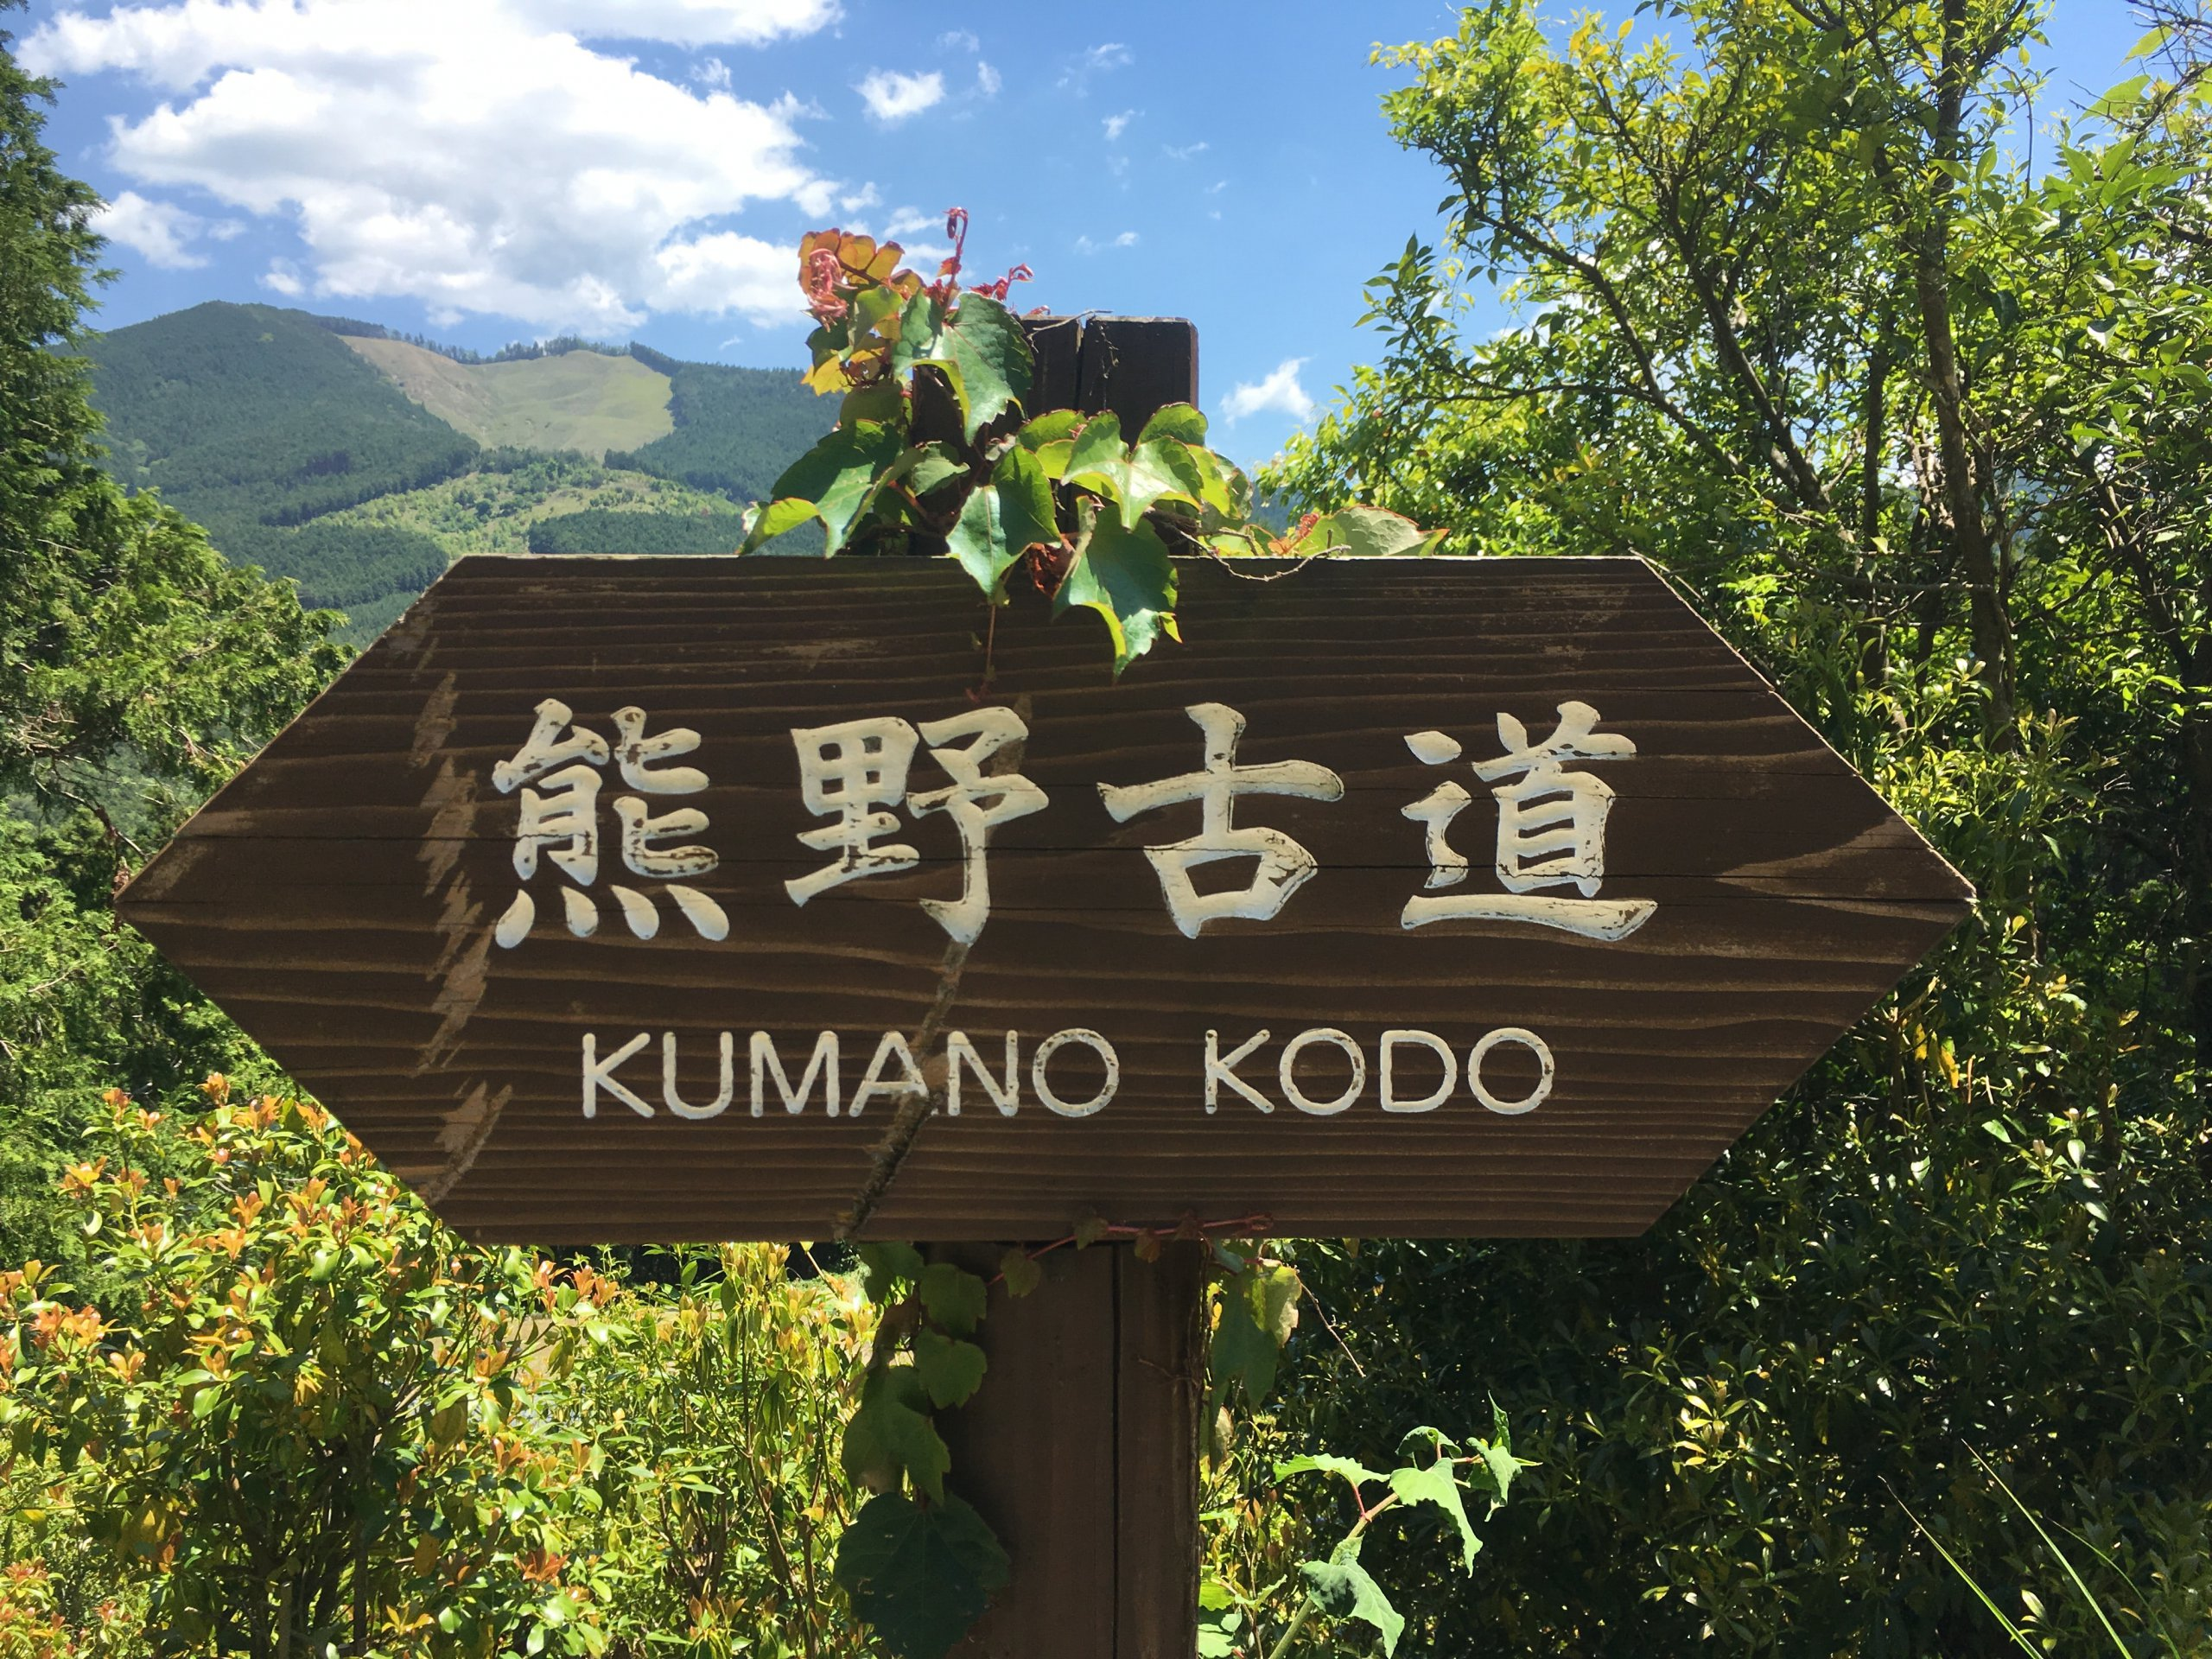 Kumano kodo signage